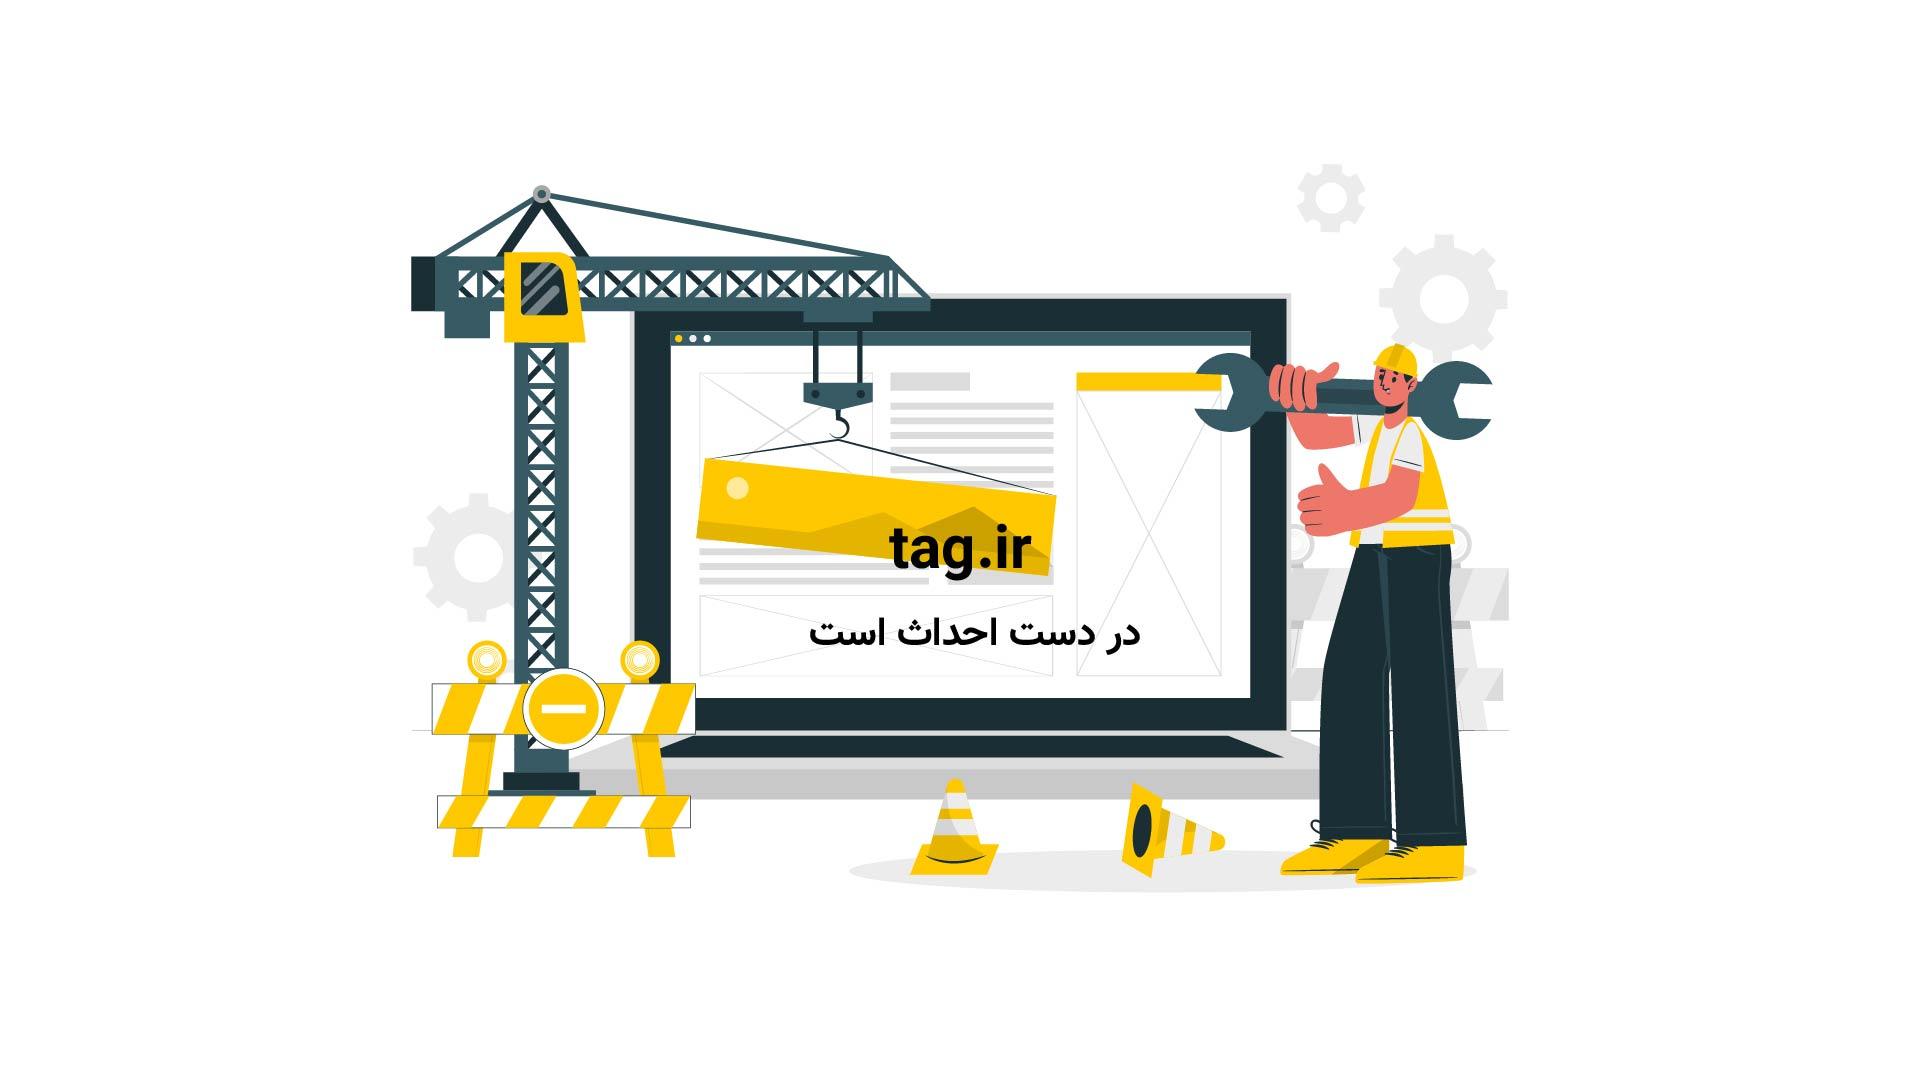 گلهای شب اول لیگ قهرمانان اروپا | فیلم